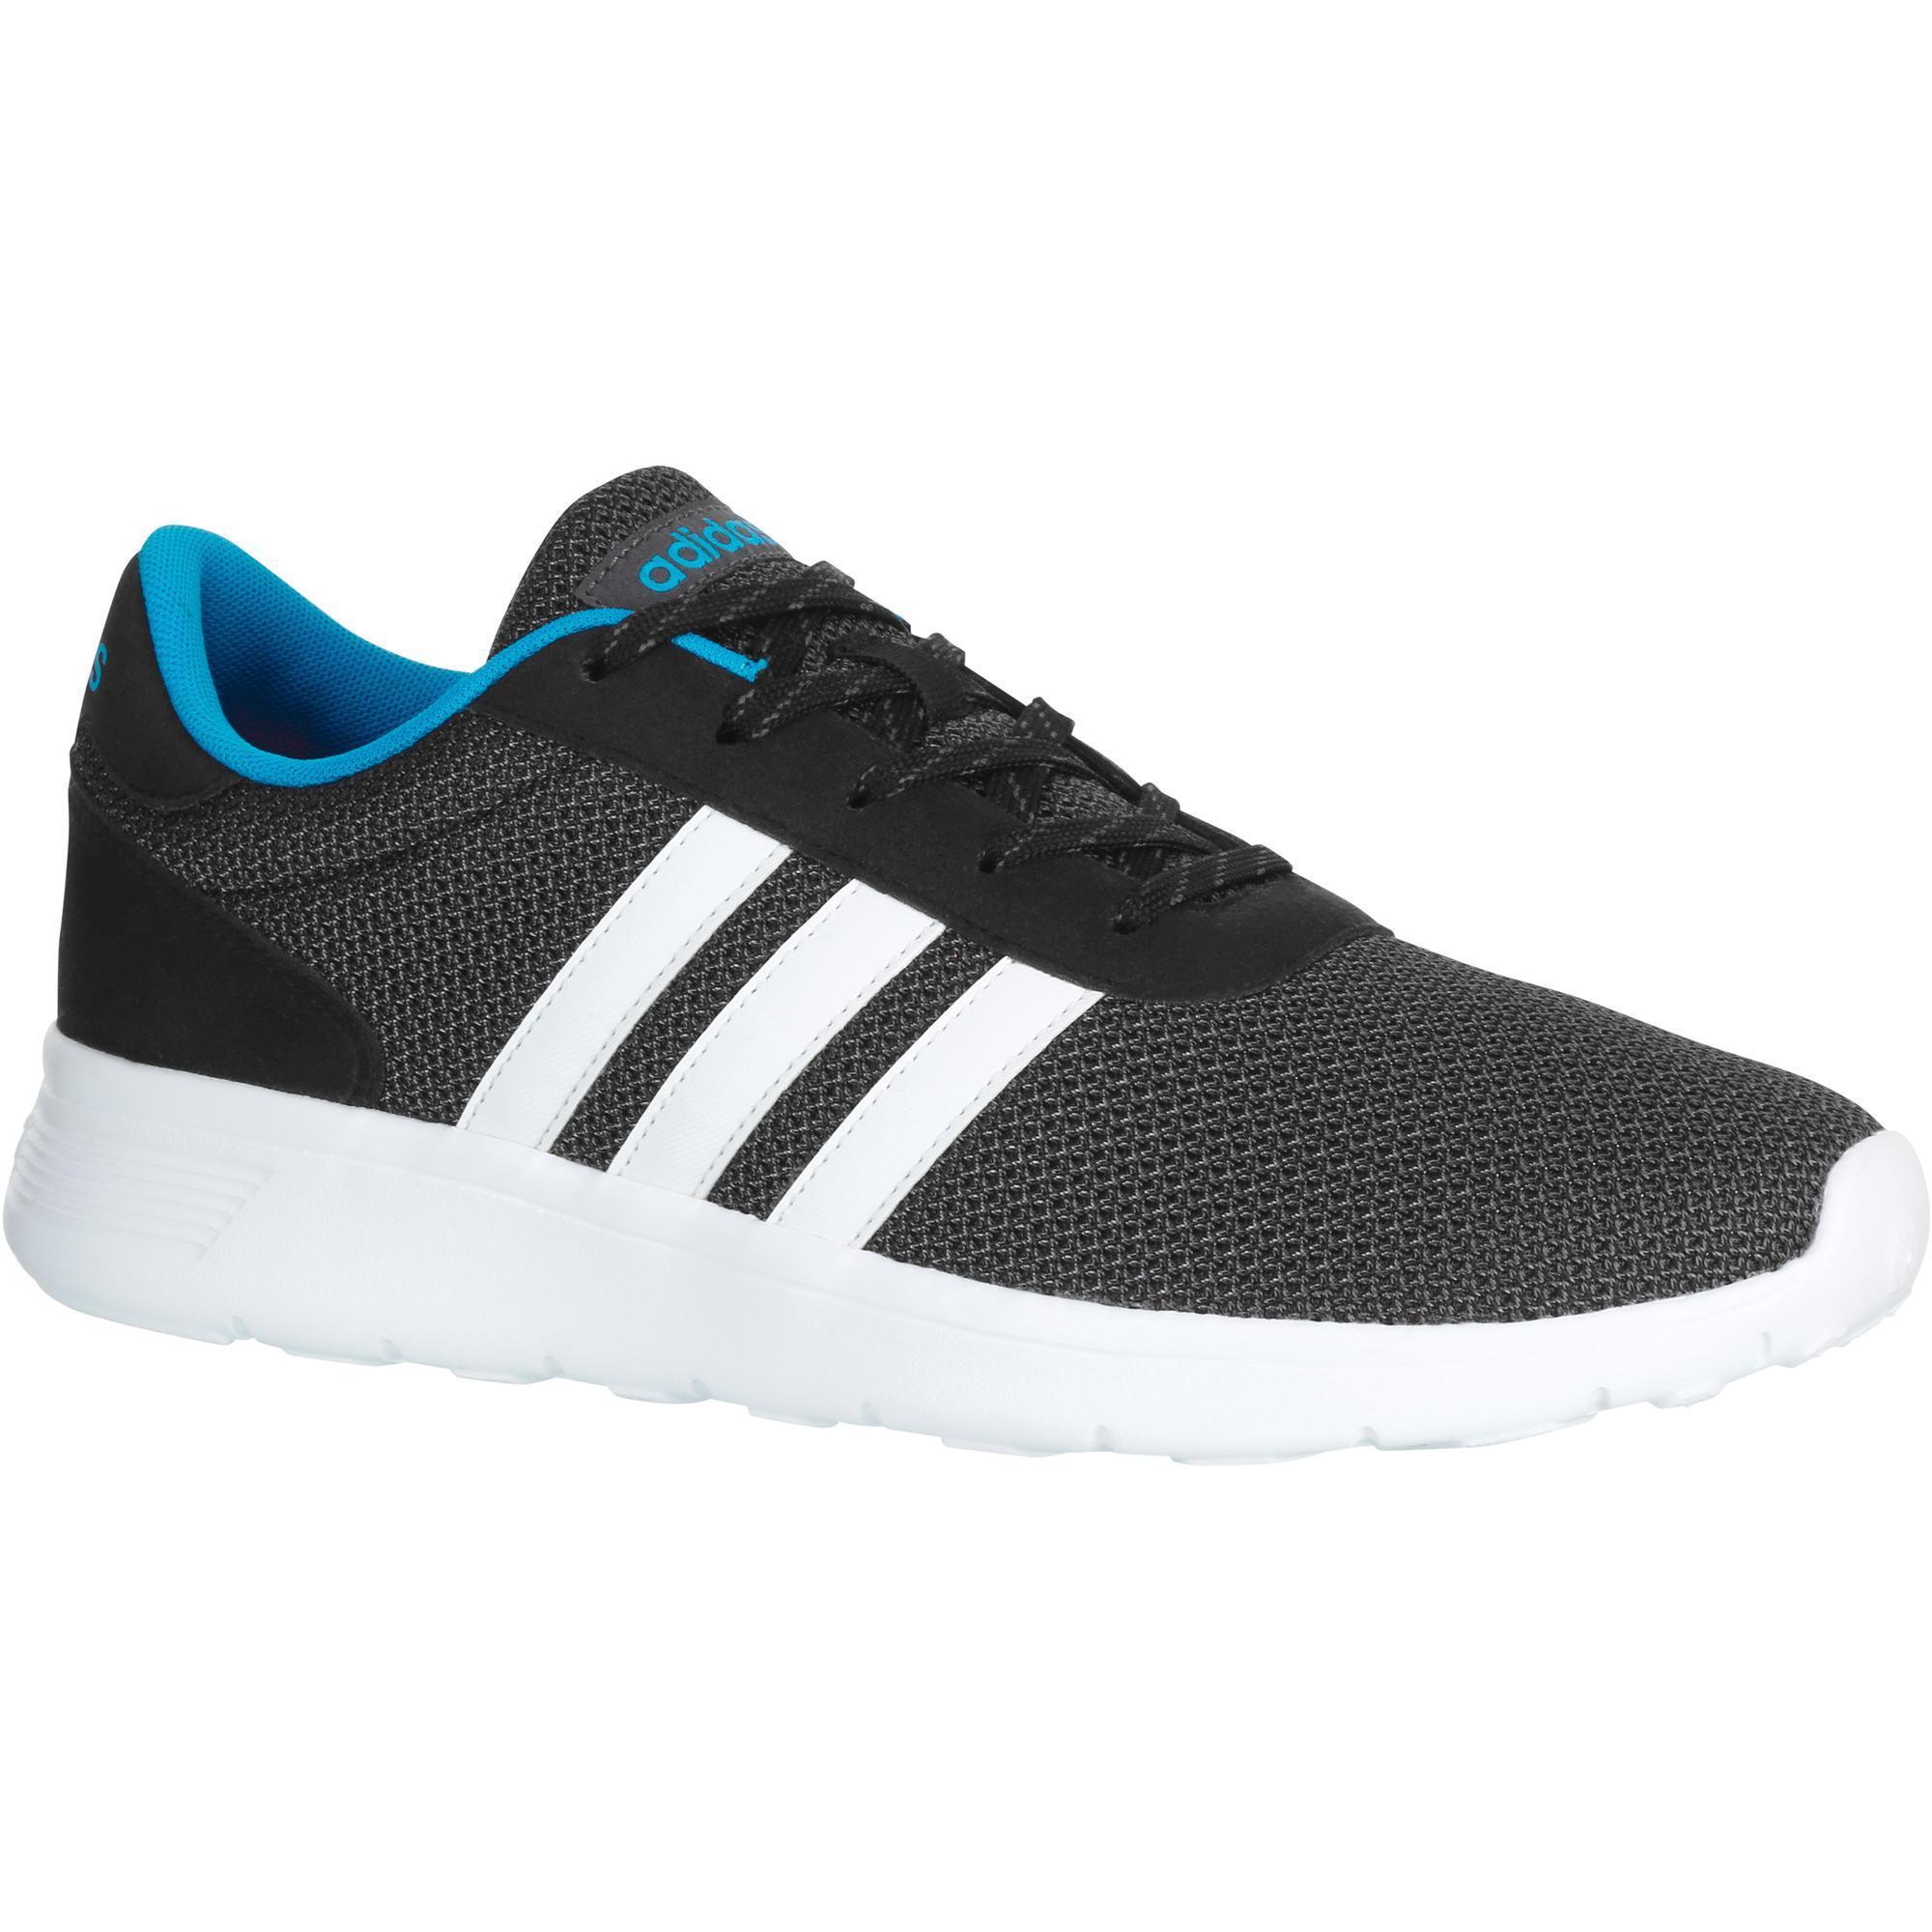 Adidas Sportieve wandelsneakers voor heren Lite Racer grijs-blauw